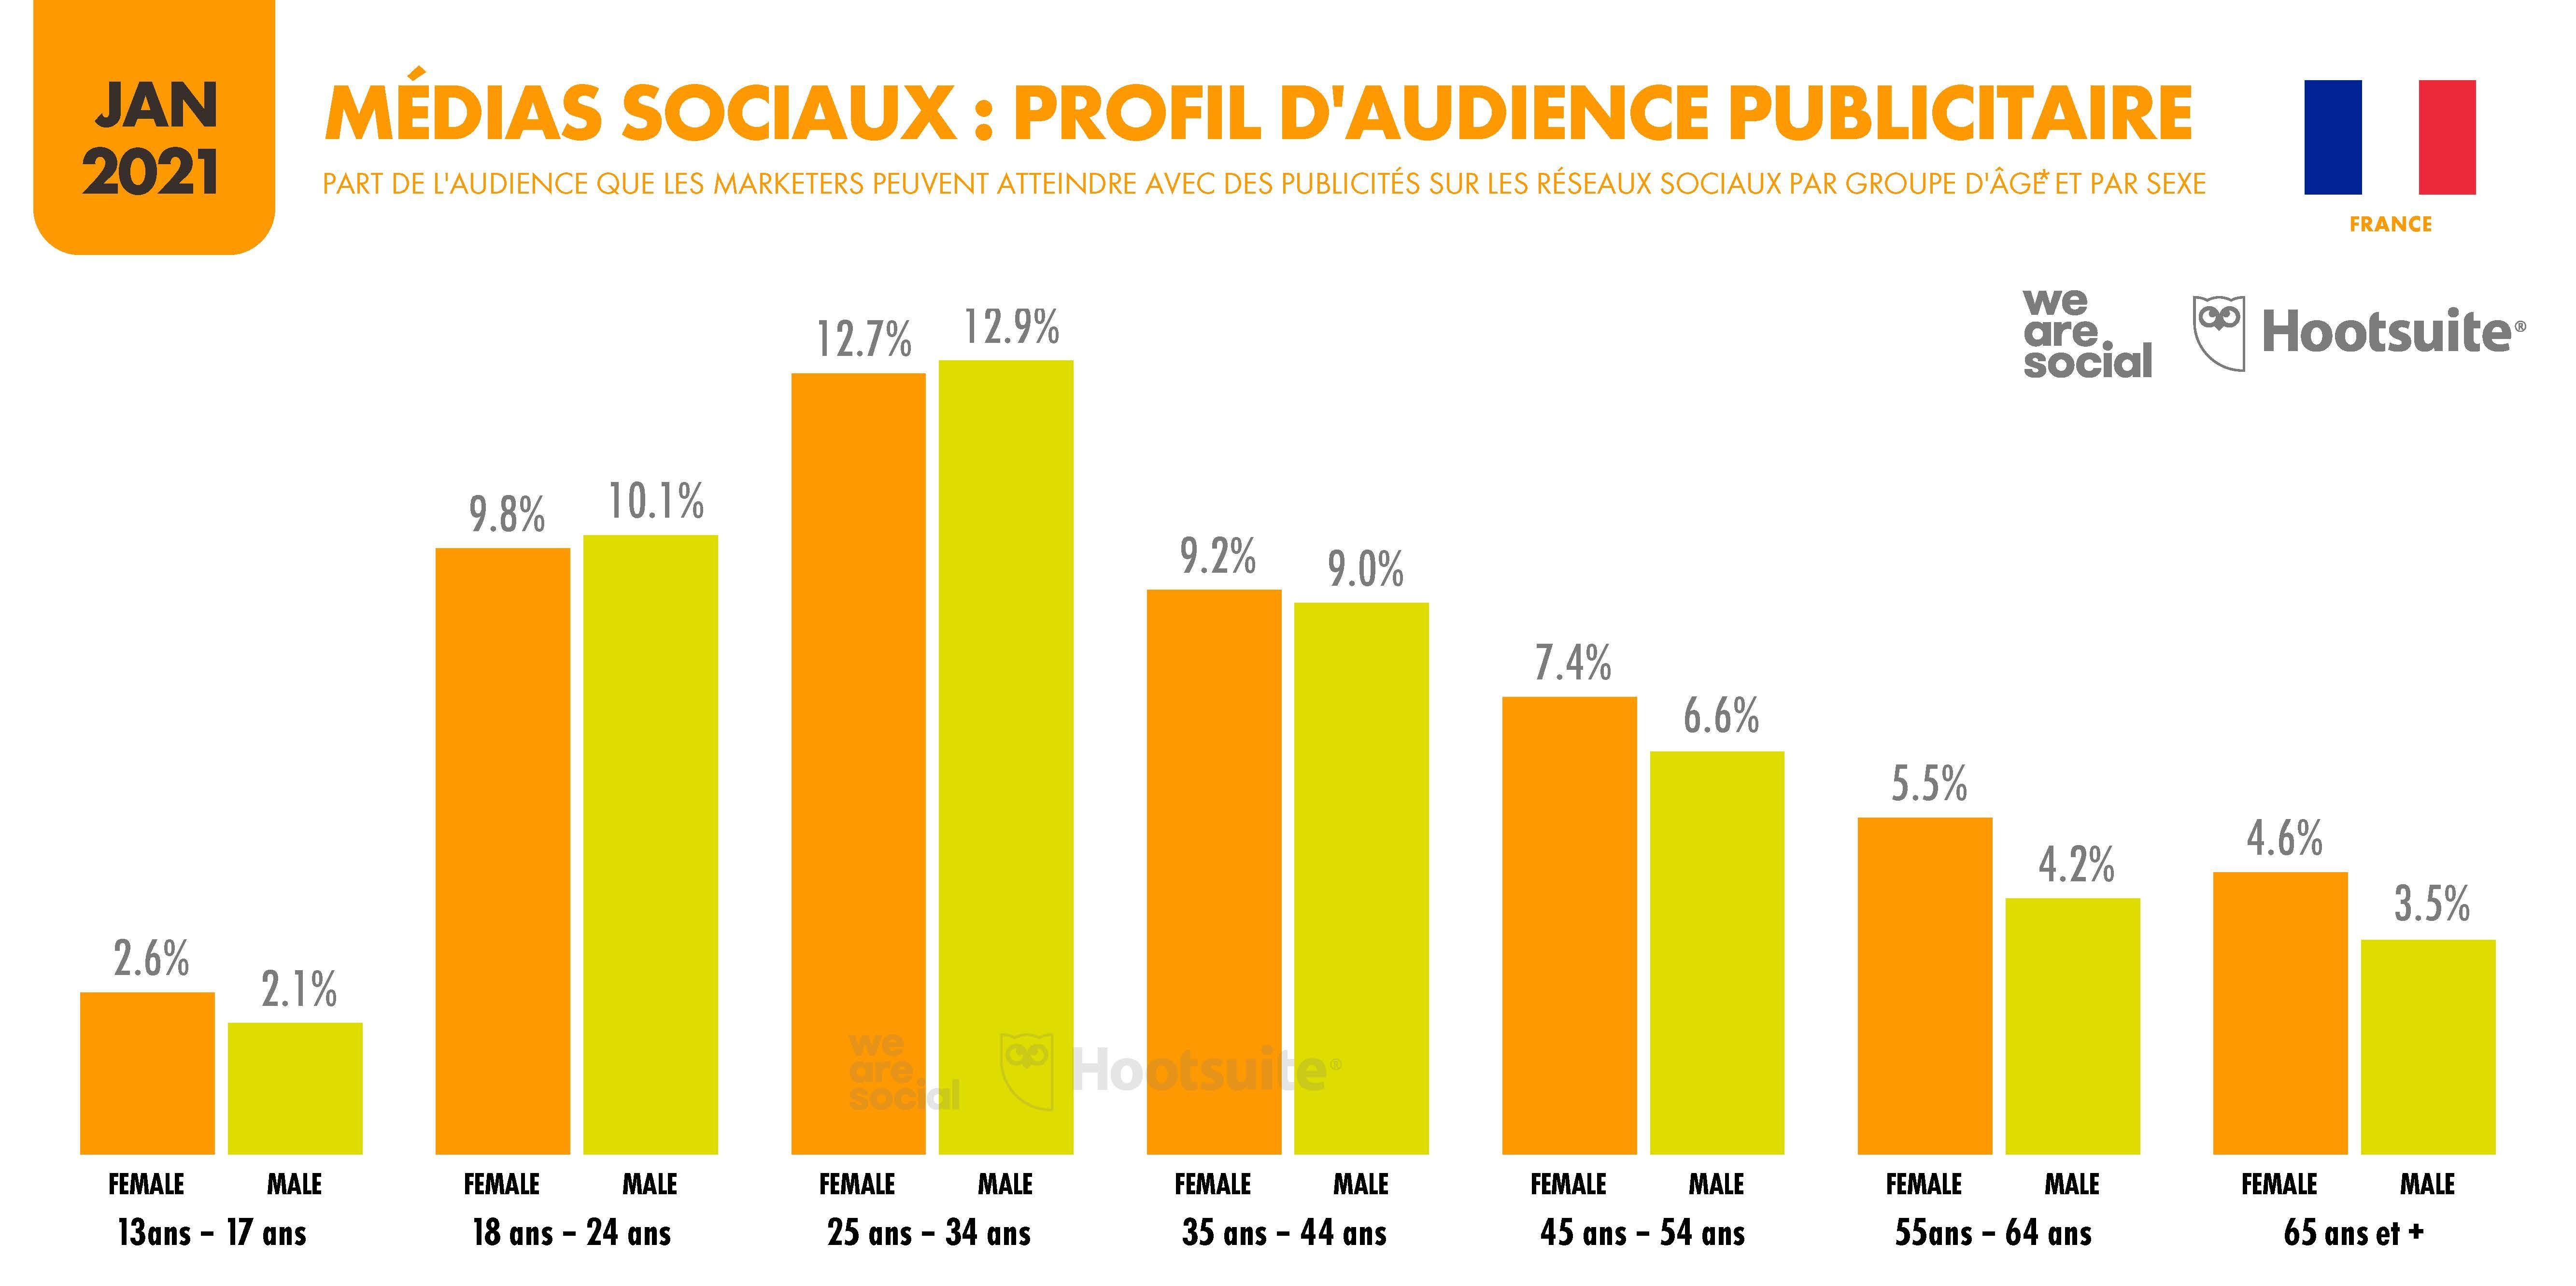 Média sociaux : profil d'audience